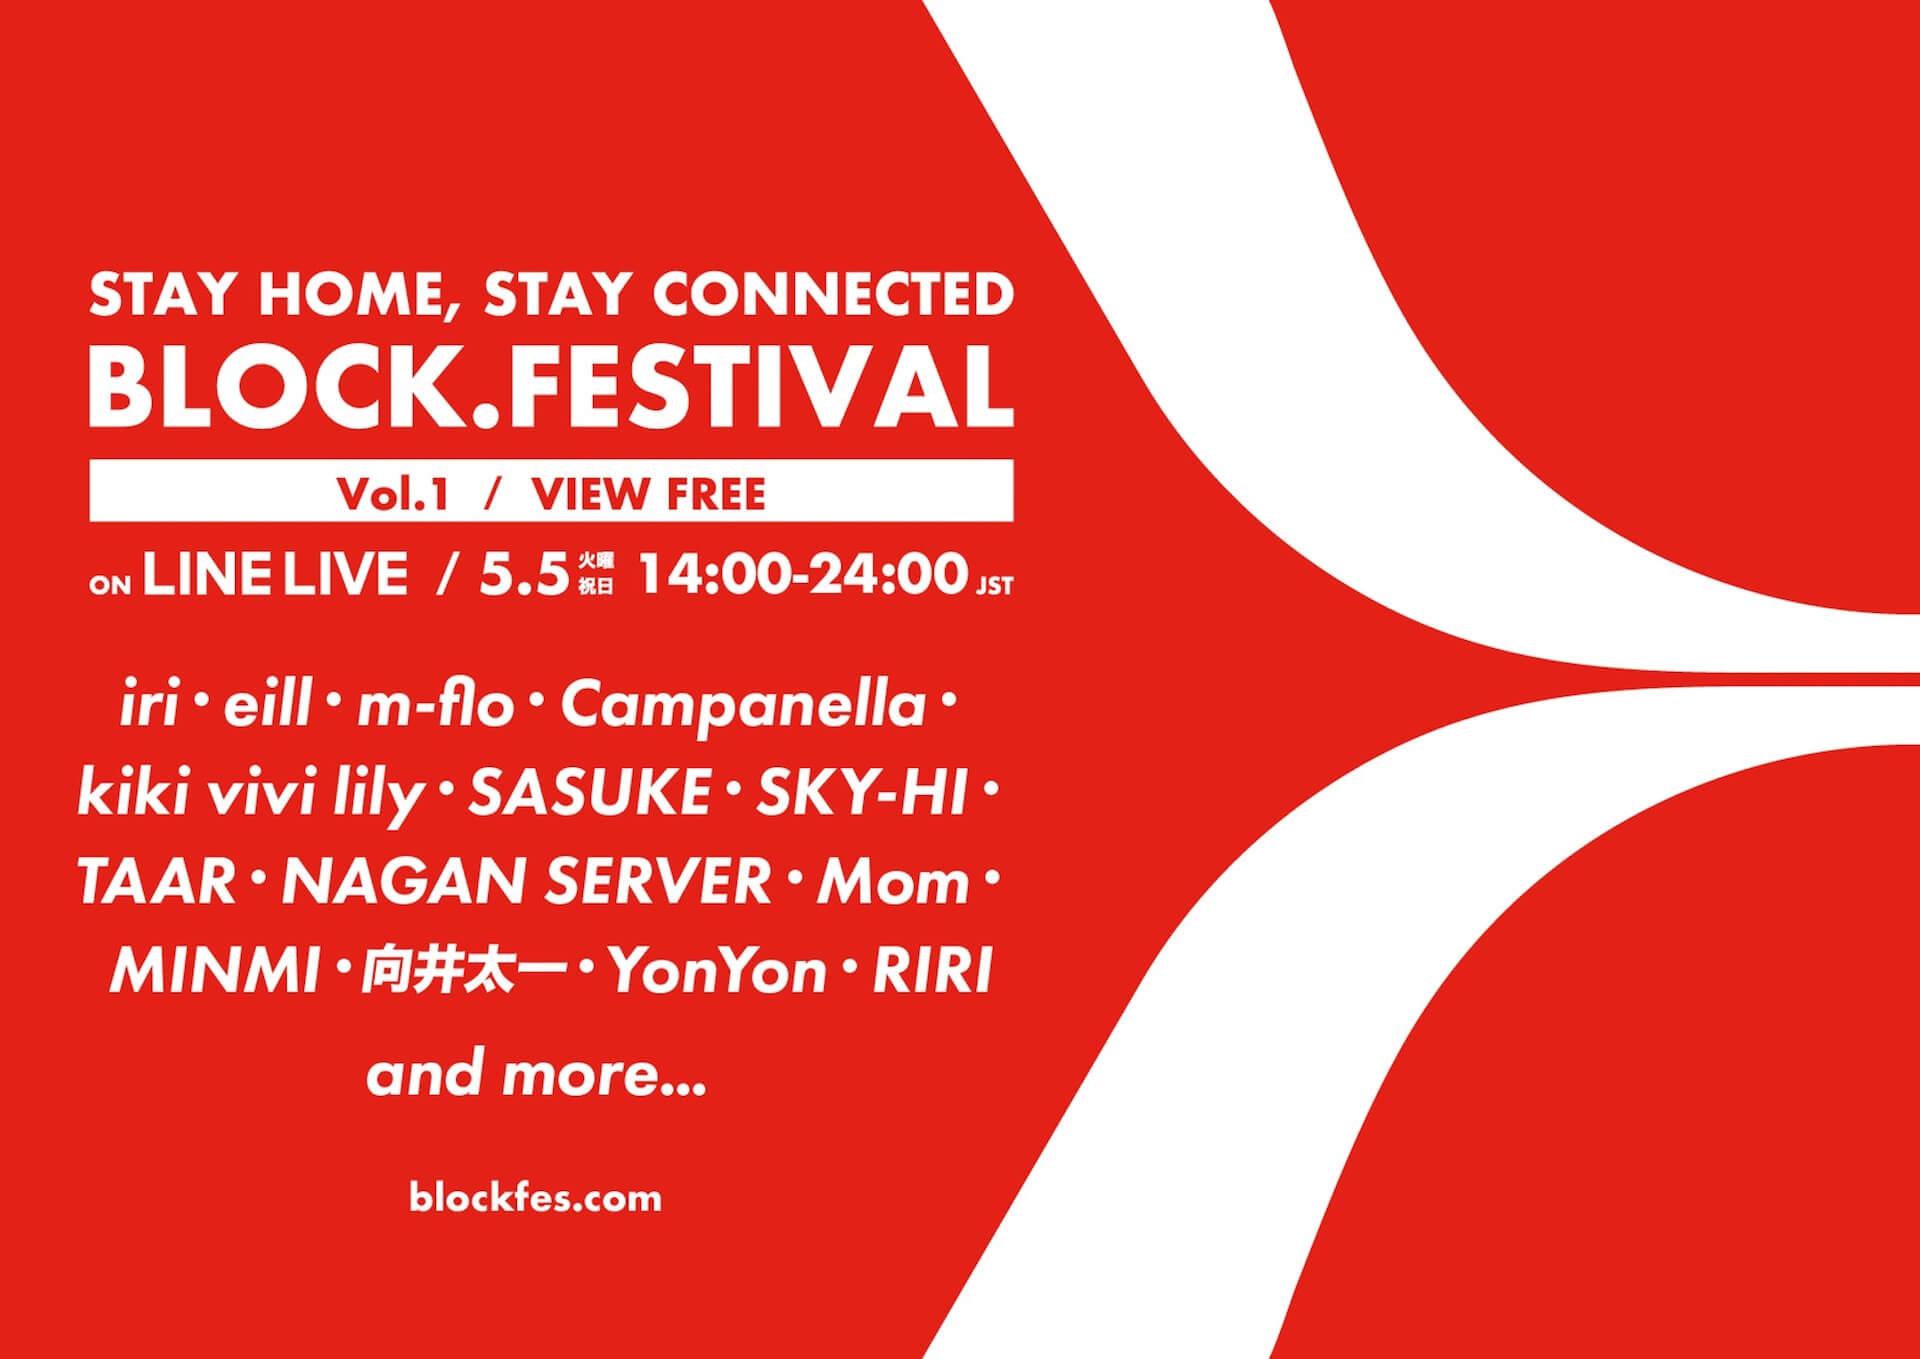 オンライン音楽フェス<BLOCK.FESTIVAL>Vol.1にiri、m-flo、向井太一など14組が出演決定!第1弾ラインナップ発表 music200428_blockfestival_1